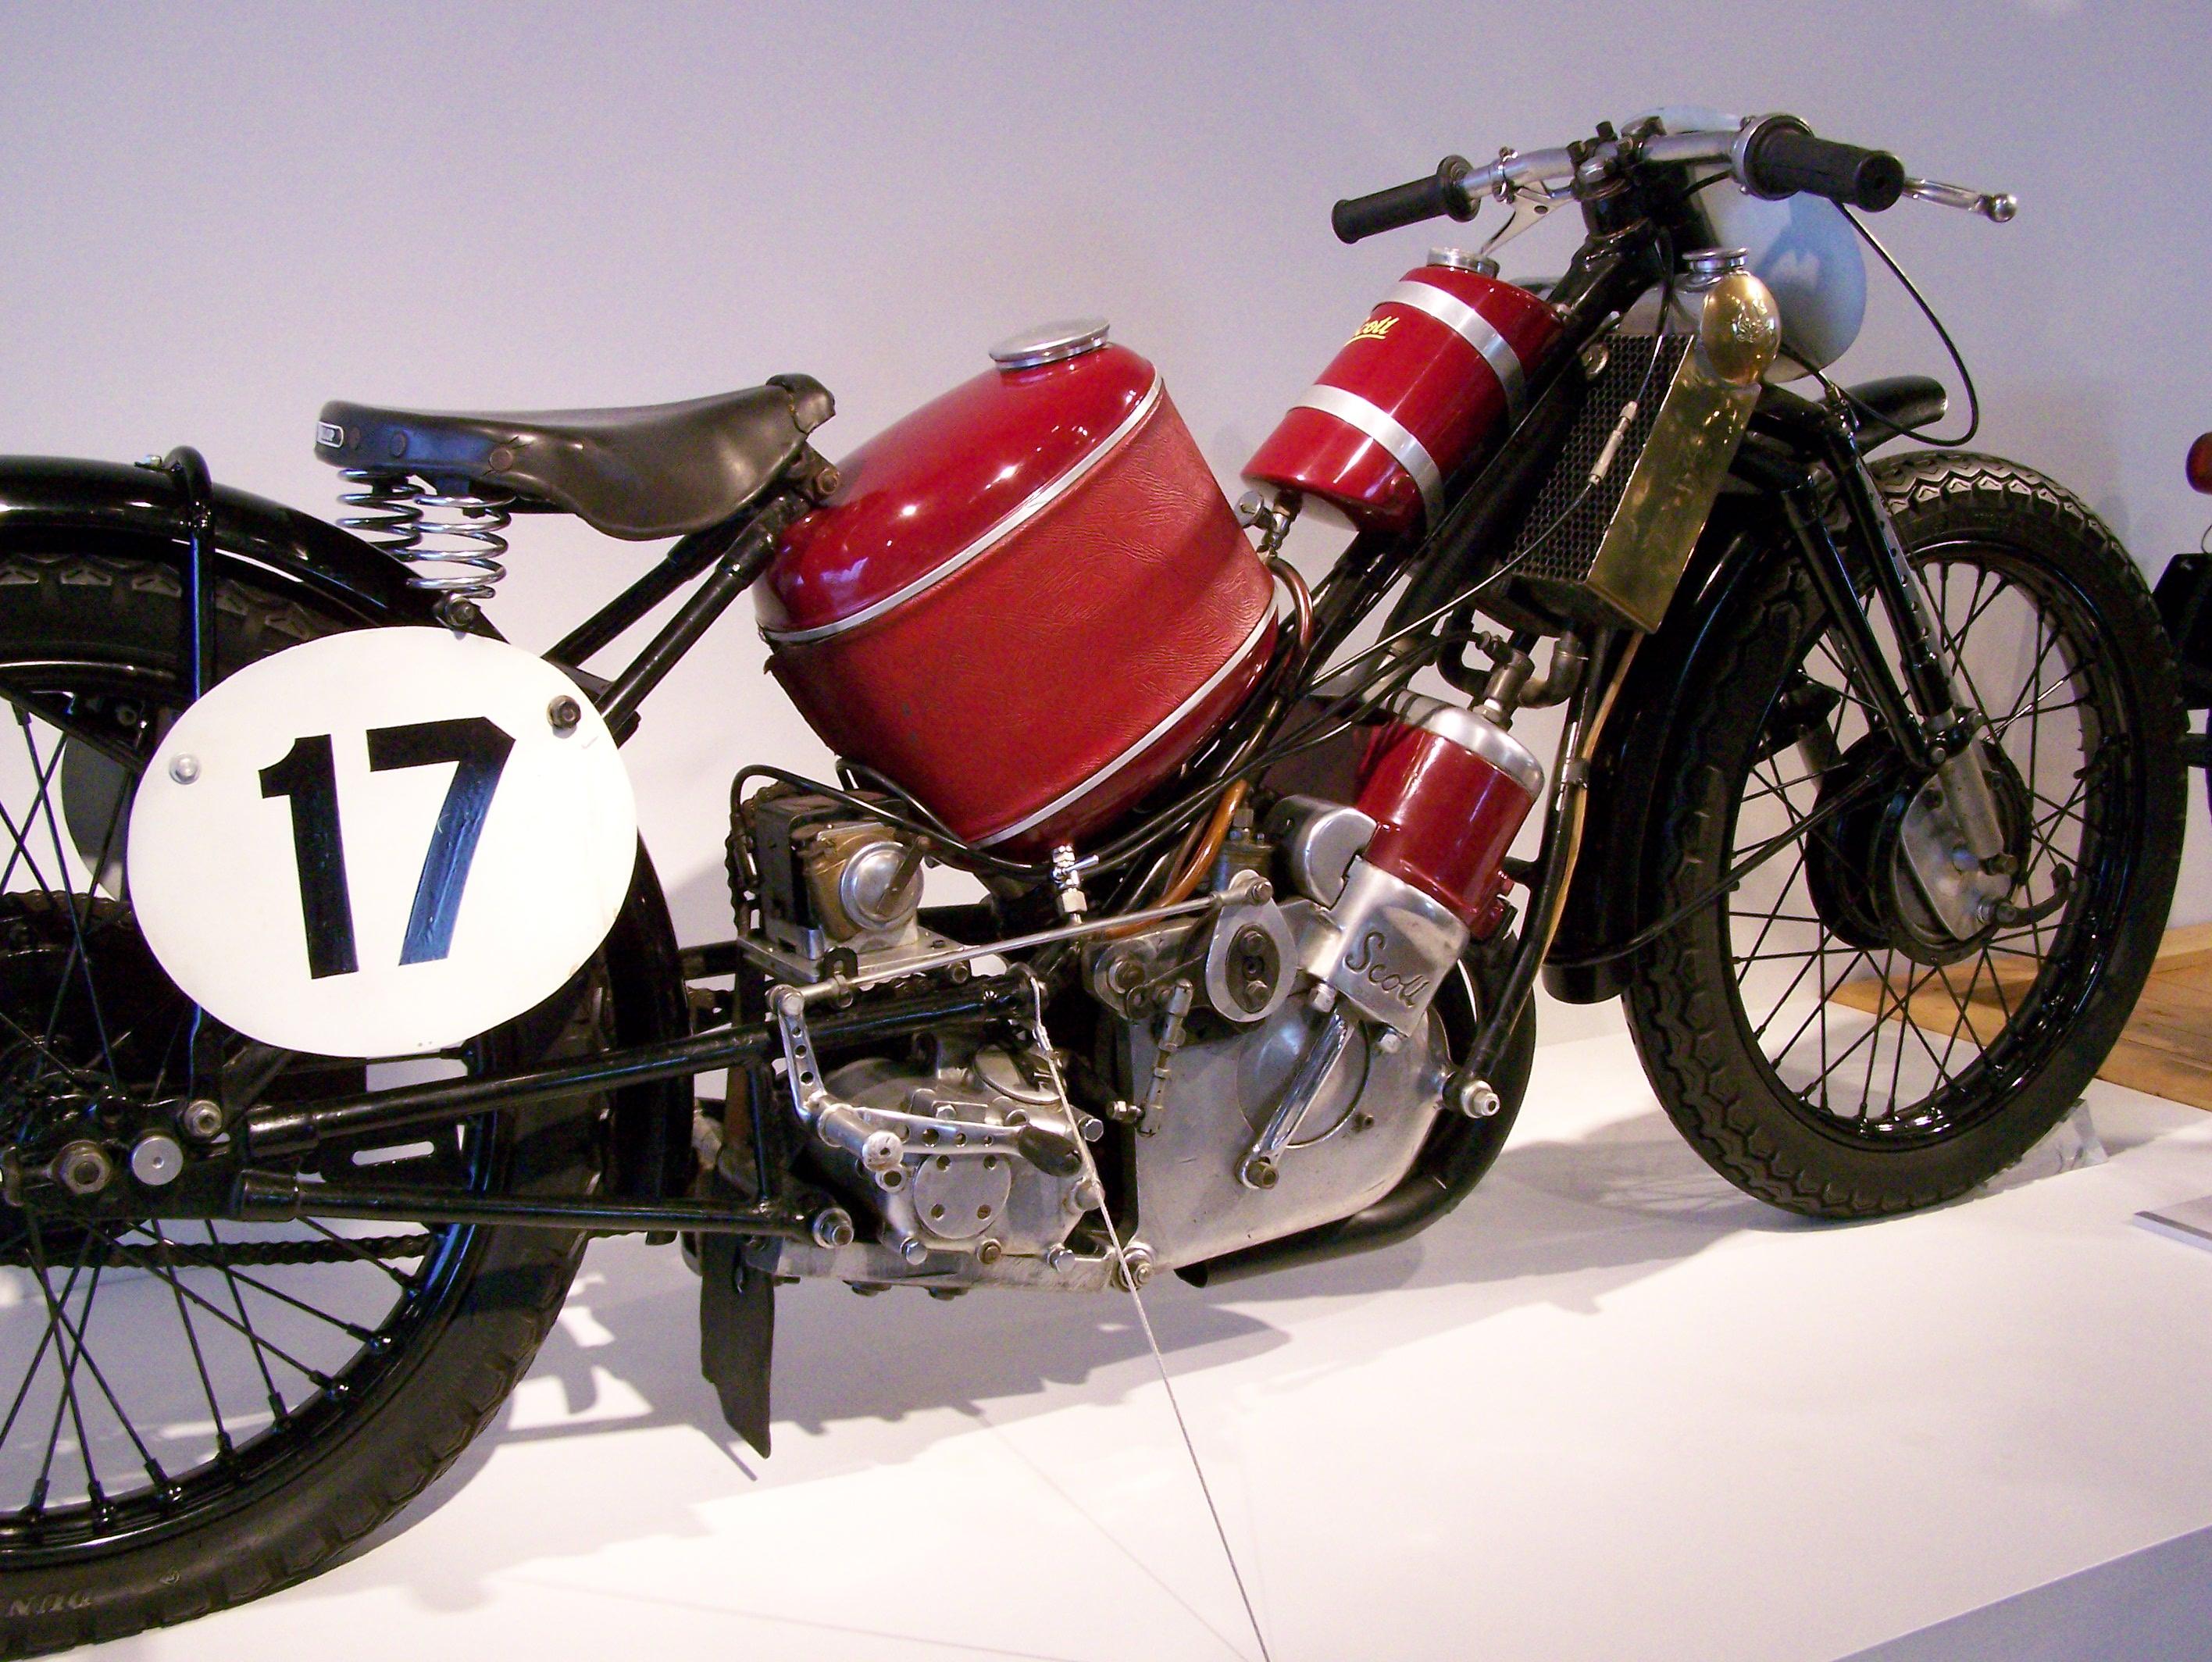 File:Scott motorcycle at Barber Vintage Motorsport Museum.jpg ...